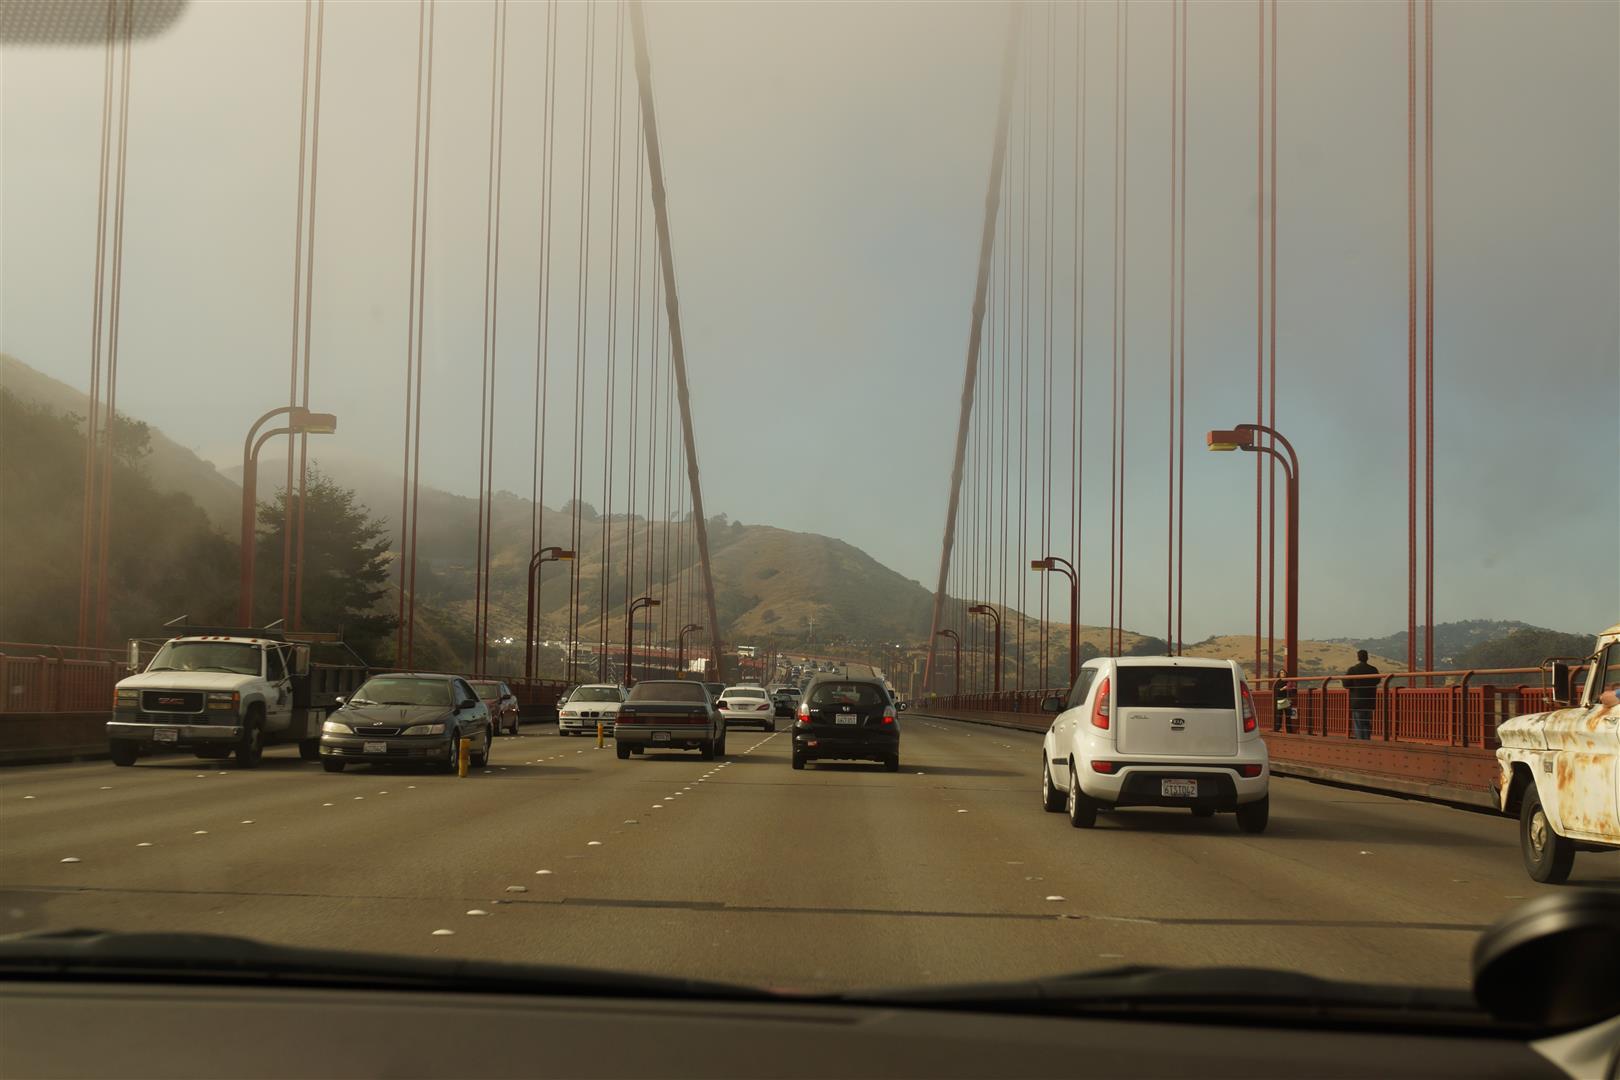 ... Bridge. Das war auch einmal ein Erlebnis!